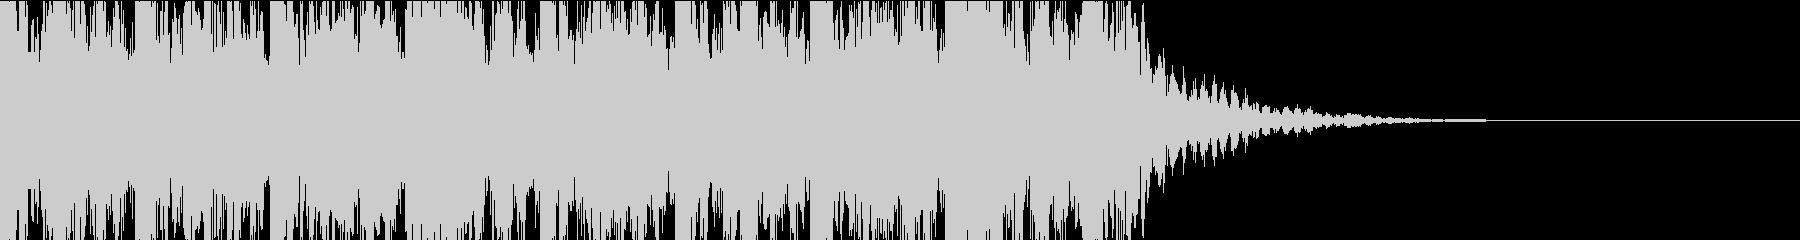 ジングル_オケ系の未再生の波形